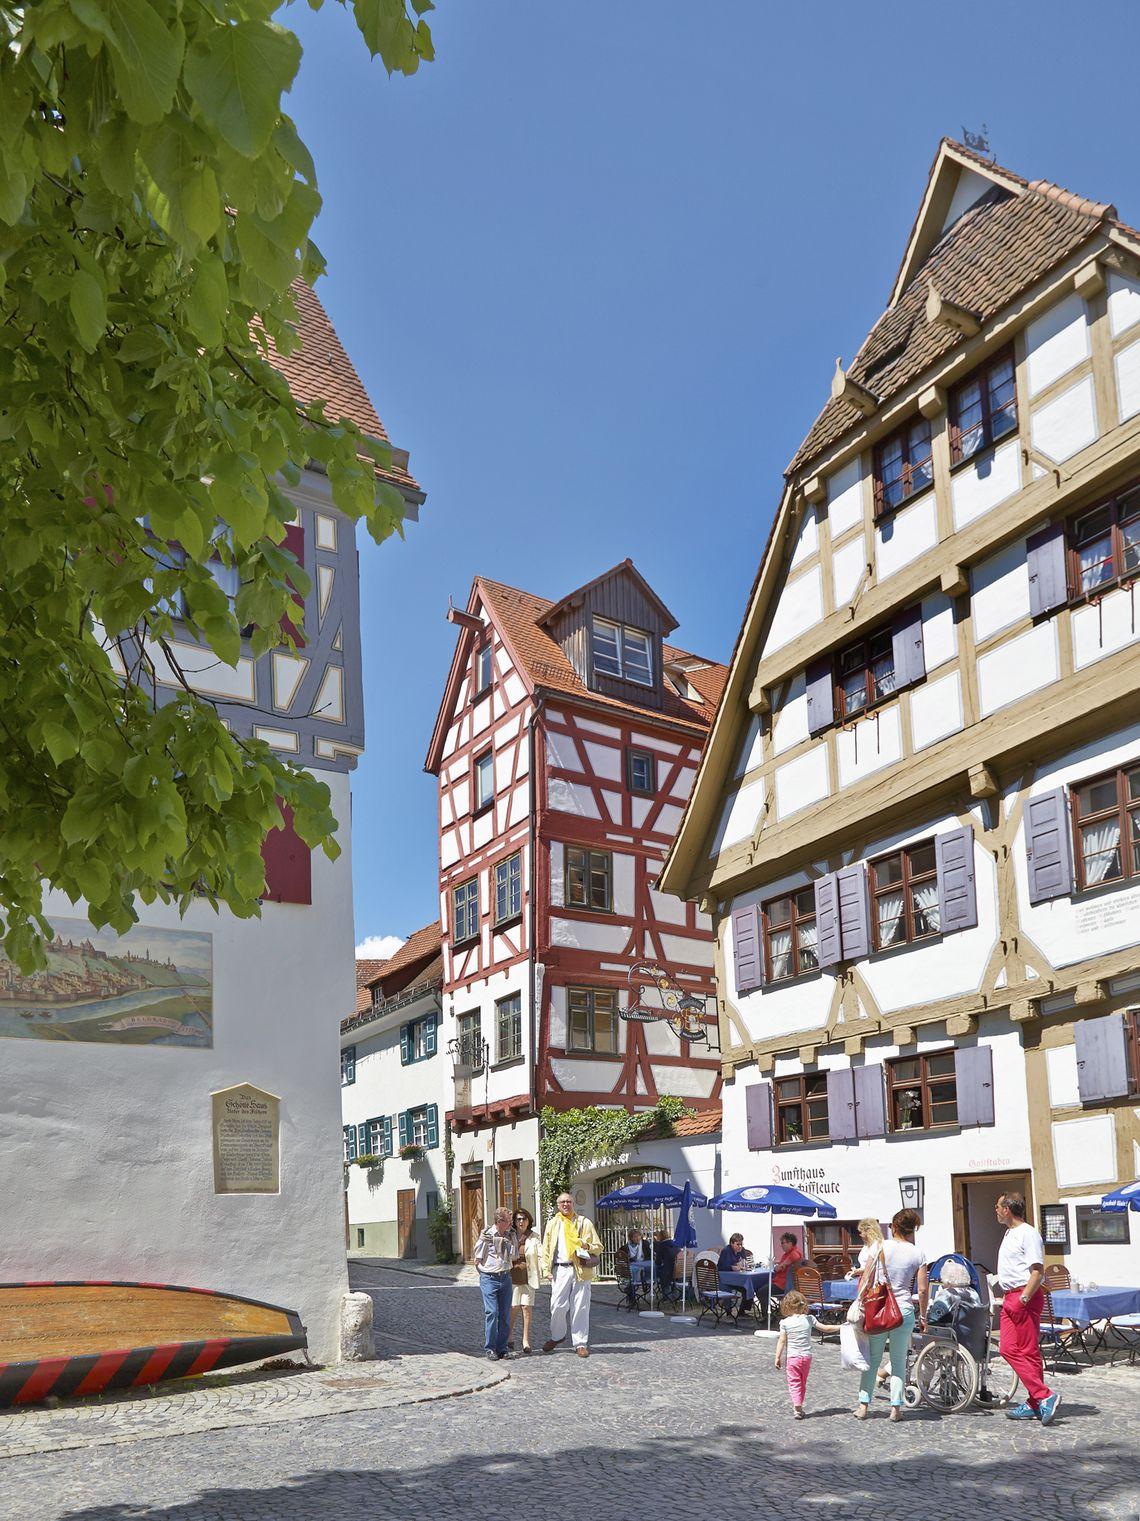 Fischer und Gerberviertel  - © Ulm/Neu-Ulm Touristik GmbH / Stadtarchiv Ulm , Kur- und Tourismusbüro Oy-Mittelberg